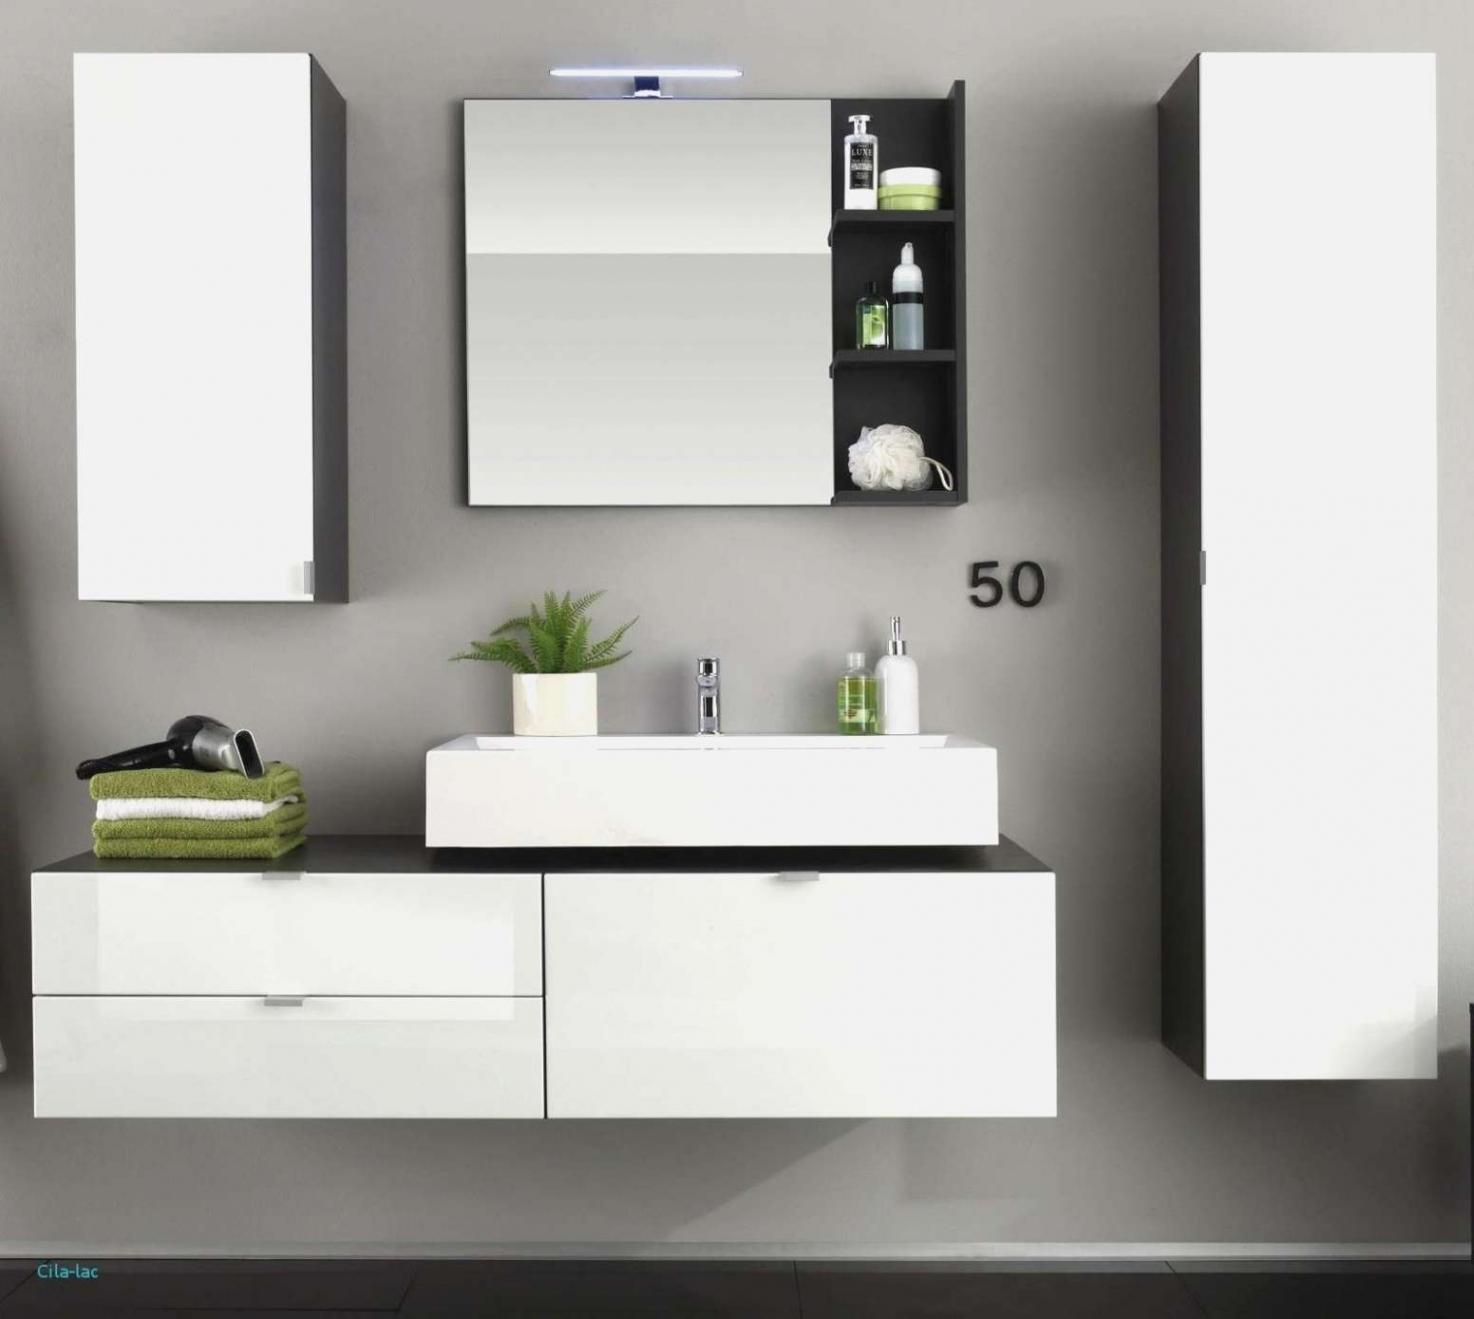 50 luxurios badezimmer gunstig bad schwarz weis gefliest bad schwarz weis gefliest